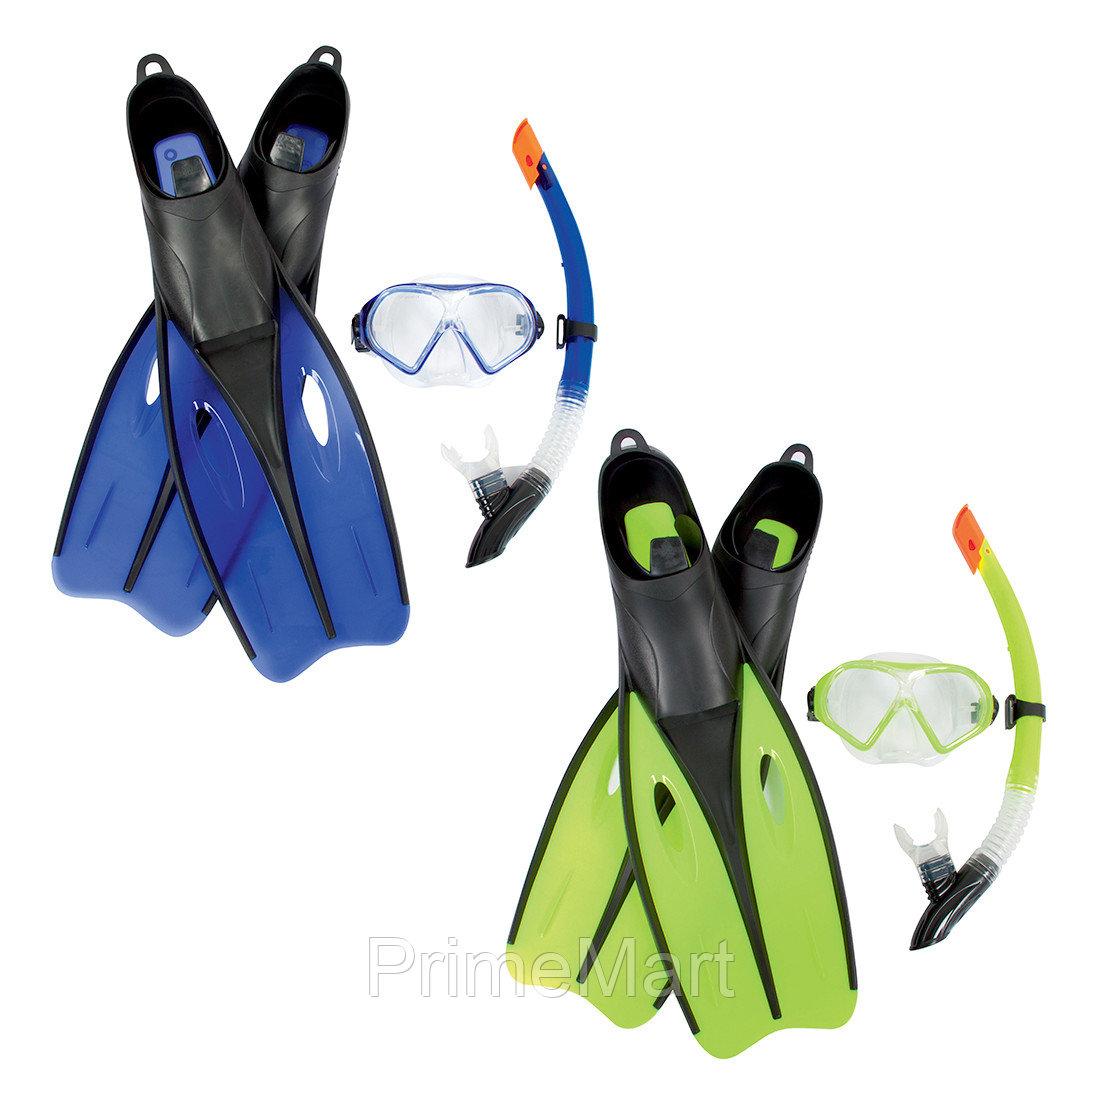 Набор для плавания Dream Diver Set 7+, BESTWAY, 25021, В наборе: маска для плавания  плюс трубка для плавания(шноркель) плюс ласты (38-39 размер),